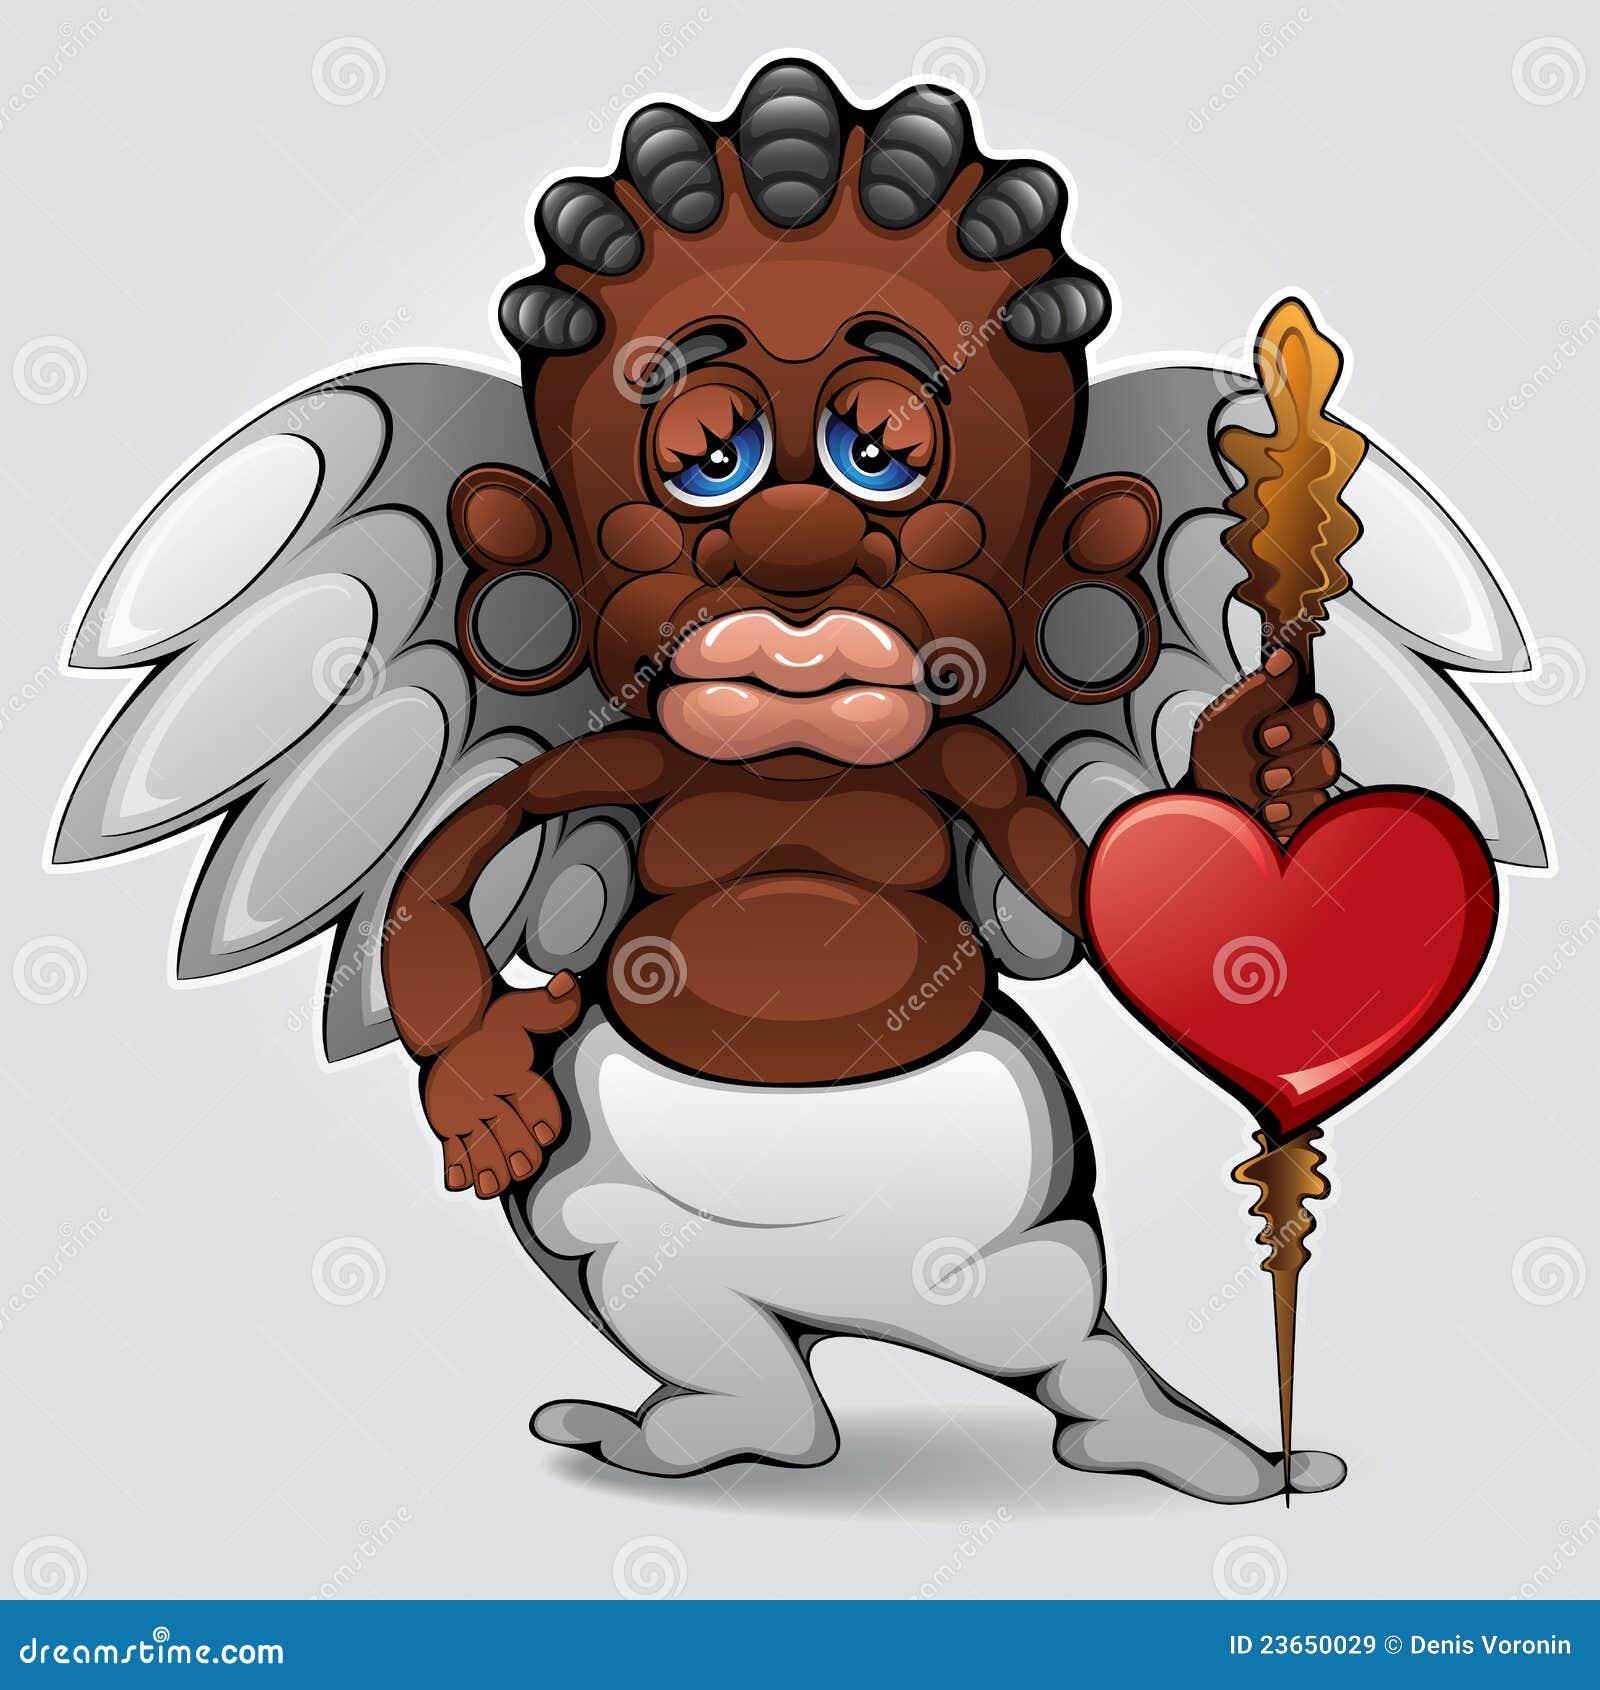 Cupidon africain images libres de droits image 23650029 - Image de cupidon gratuite ...